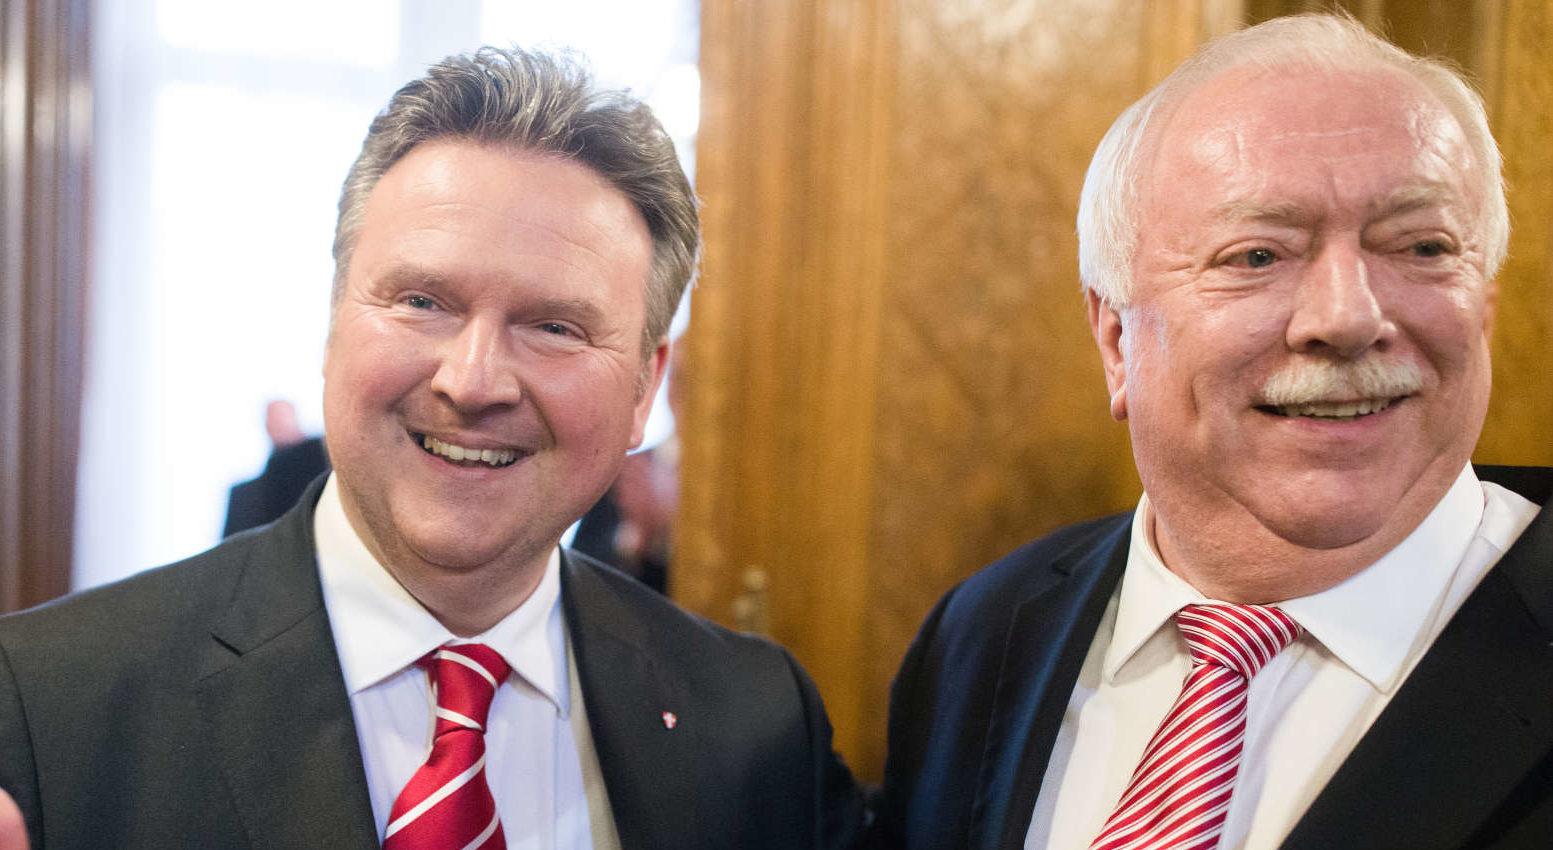 Nach 23 Jahren und 198 Tagen dankte Michael Häupl (r.) gestern als Wiener Bürgermeister ab, Michael Ludwig wurde im Gemeinderat zum Nachfolger Häupls gewählt. Mit ihm kommen auch Kathrin Gaal, Peter Hacker, Peter Hanke und Veronica Kaup-Hasler neu für die SPÖ in die Stadtregierung.